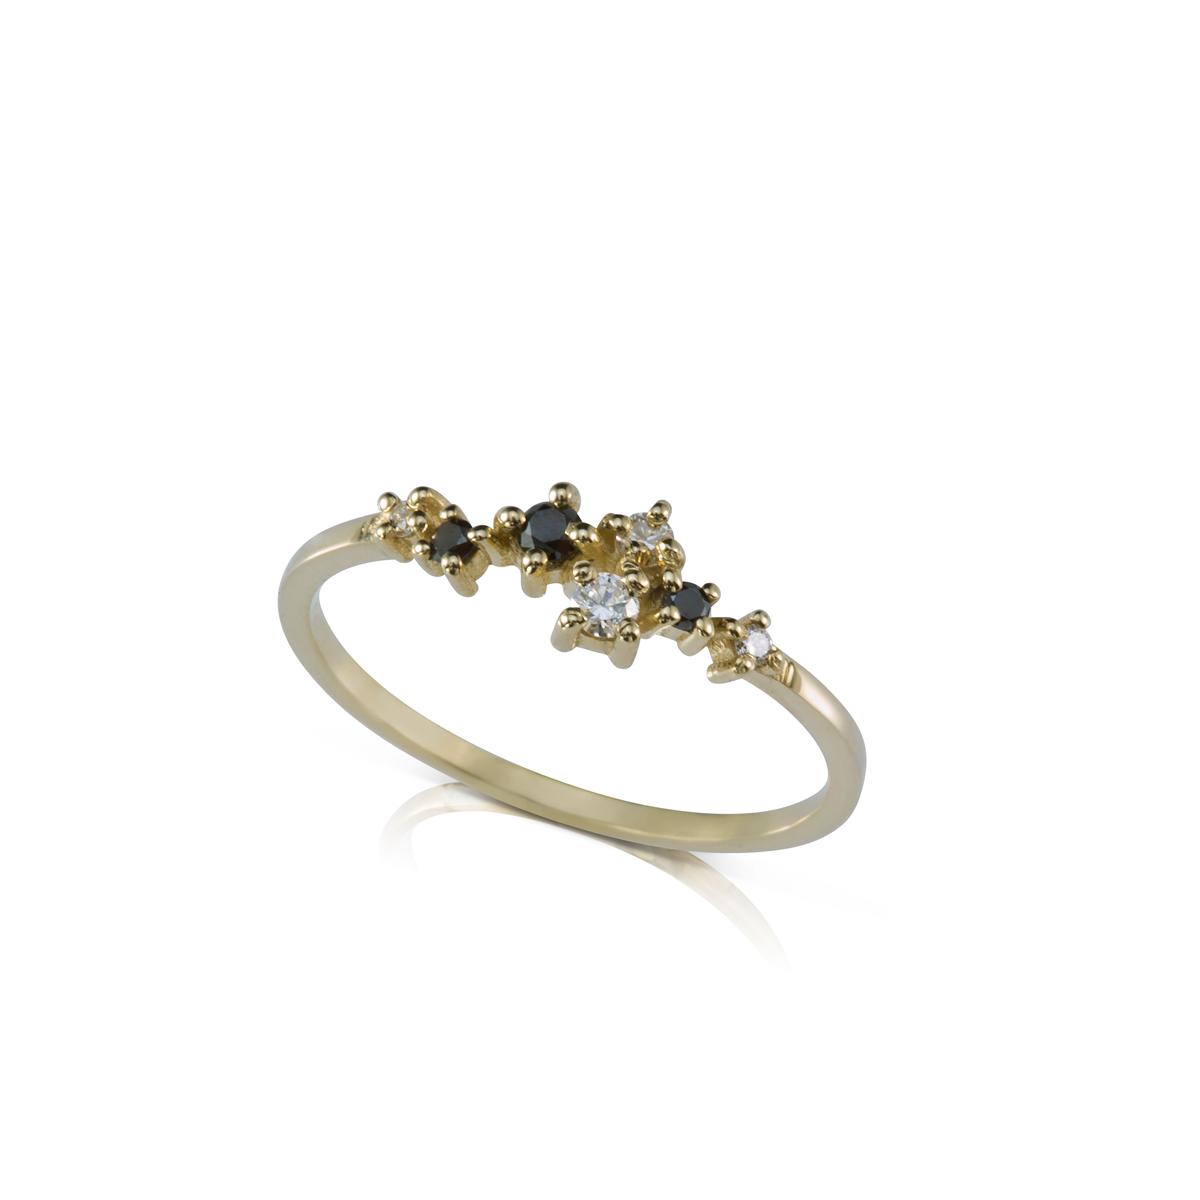 טבעת זהב עדינה ומיוחדת משובצת יהלומים לבנים ושחורים בגדלים משתנים